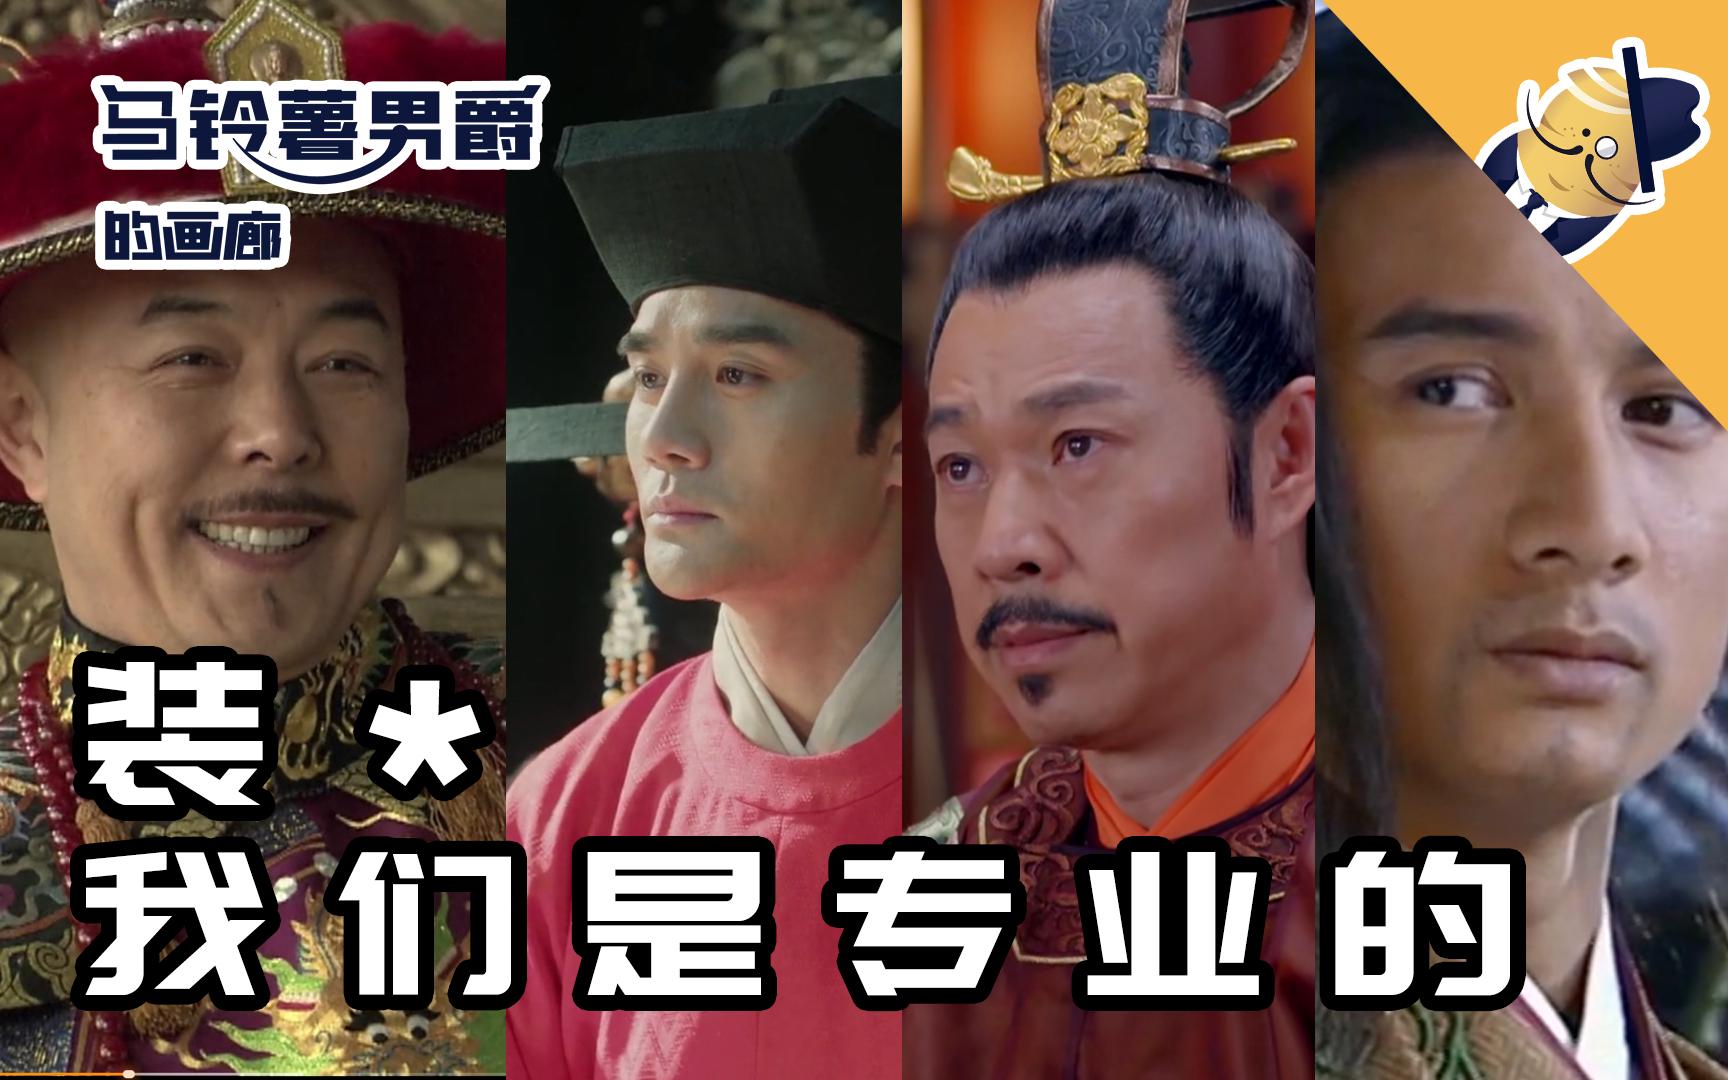 【男爵画廊】皇帝荟萃 or 萝卜开会(一)